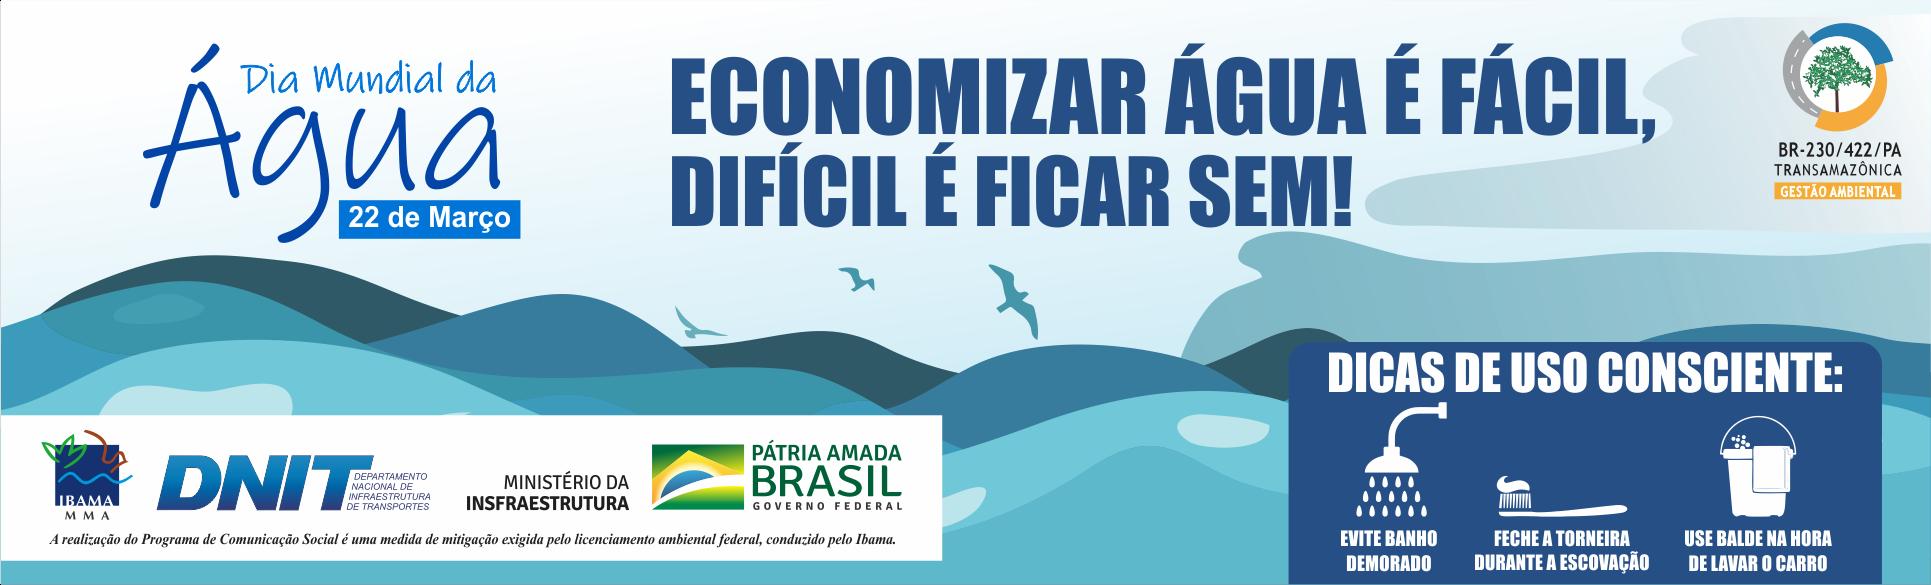 Banner-Site_Economizar_Agua_Vs_02